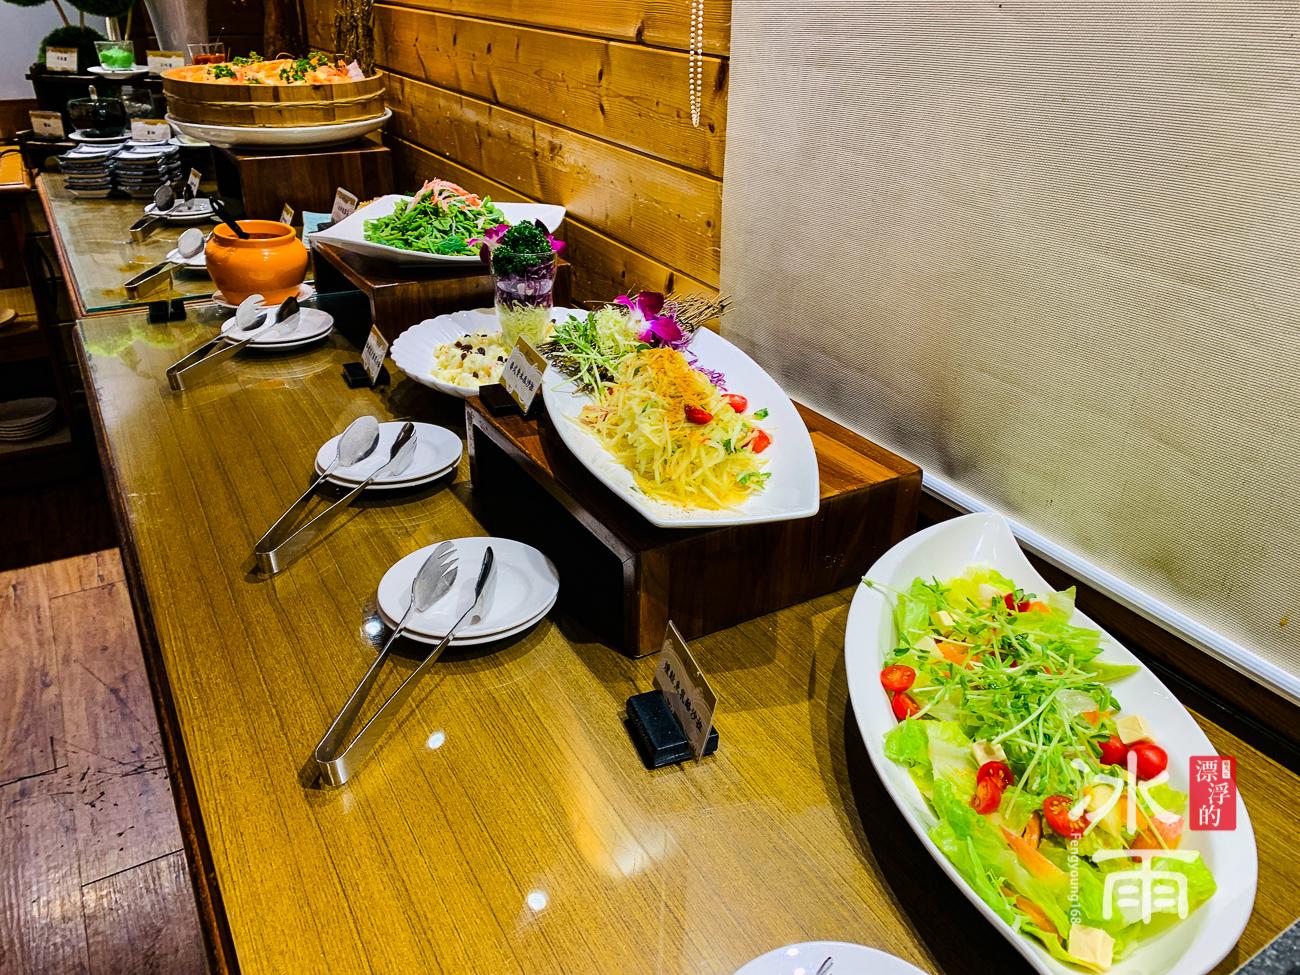 泰安湯悅溫泉會館|餐廳晚餐沙拉